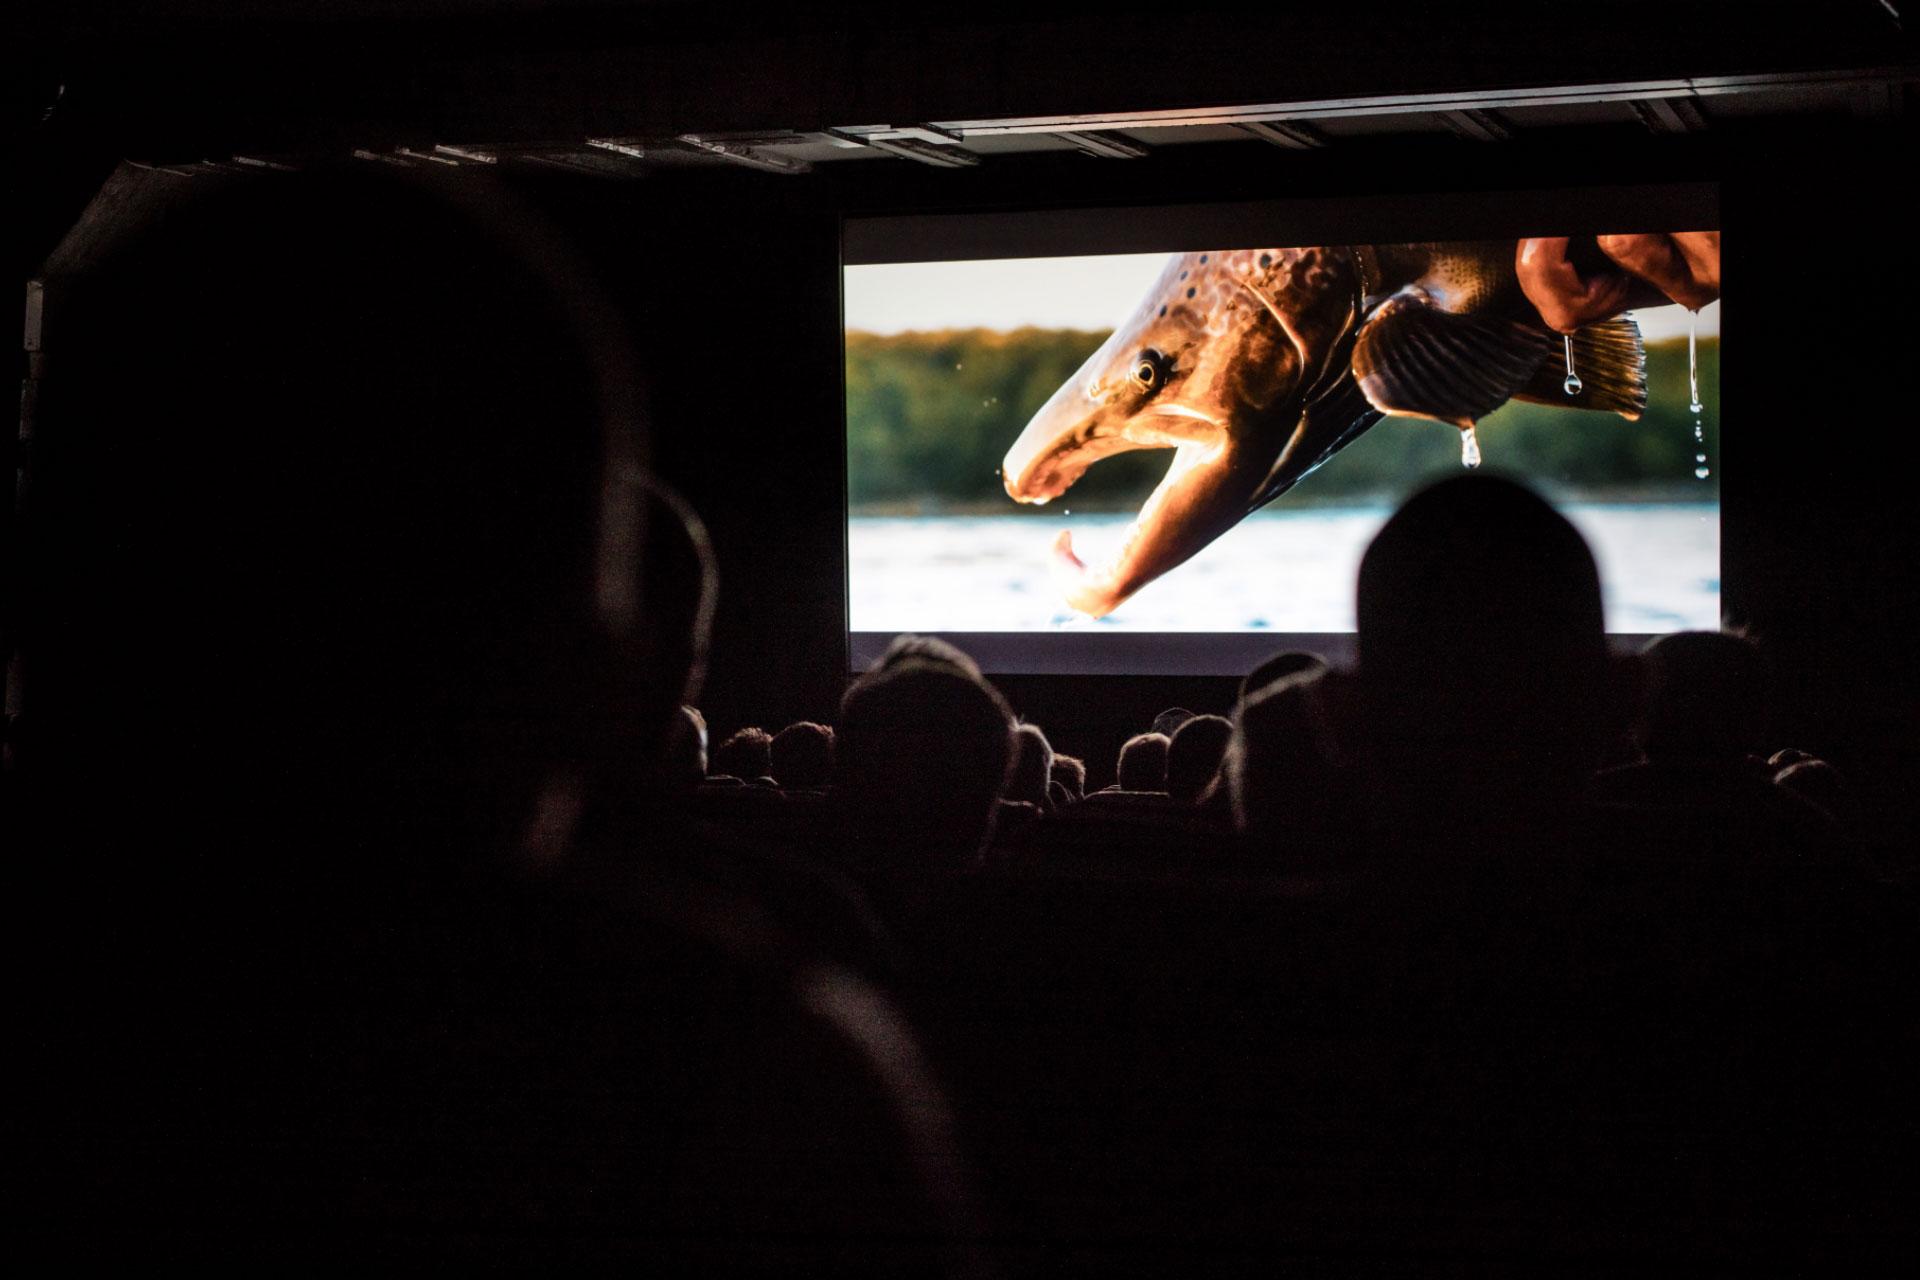 Das Hobby auf der großen Leinwand: Das RISE Fly Fishing Film Festival 2019 ist ein tolles Erlebnis! Foto: RISE Fly Fishing Film Festival 2019